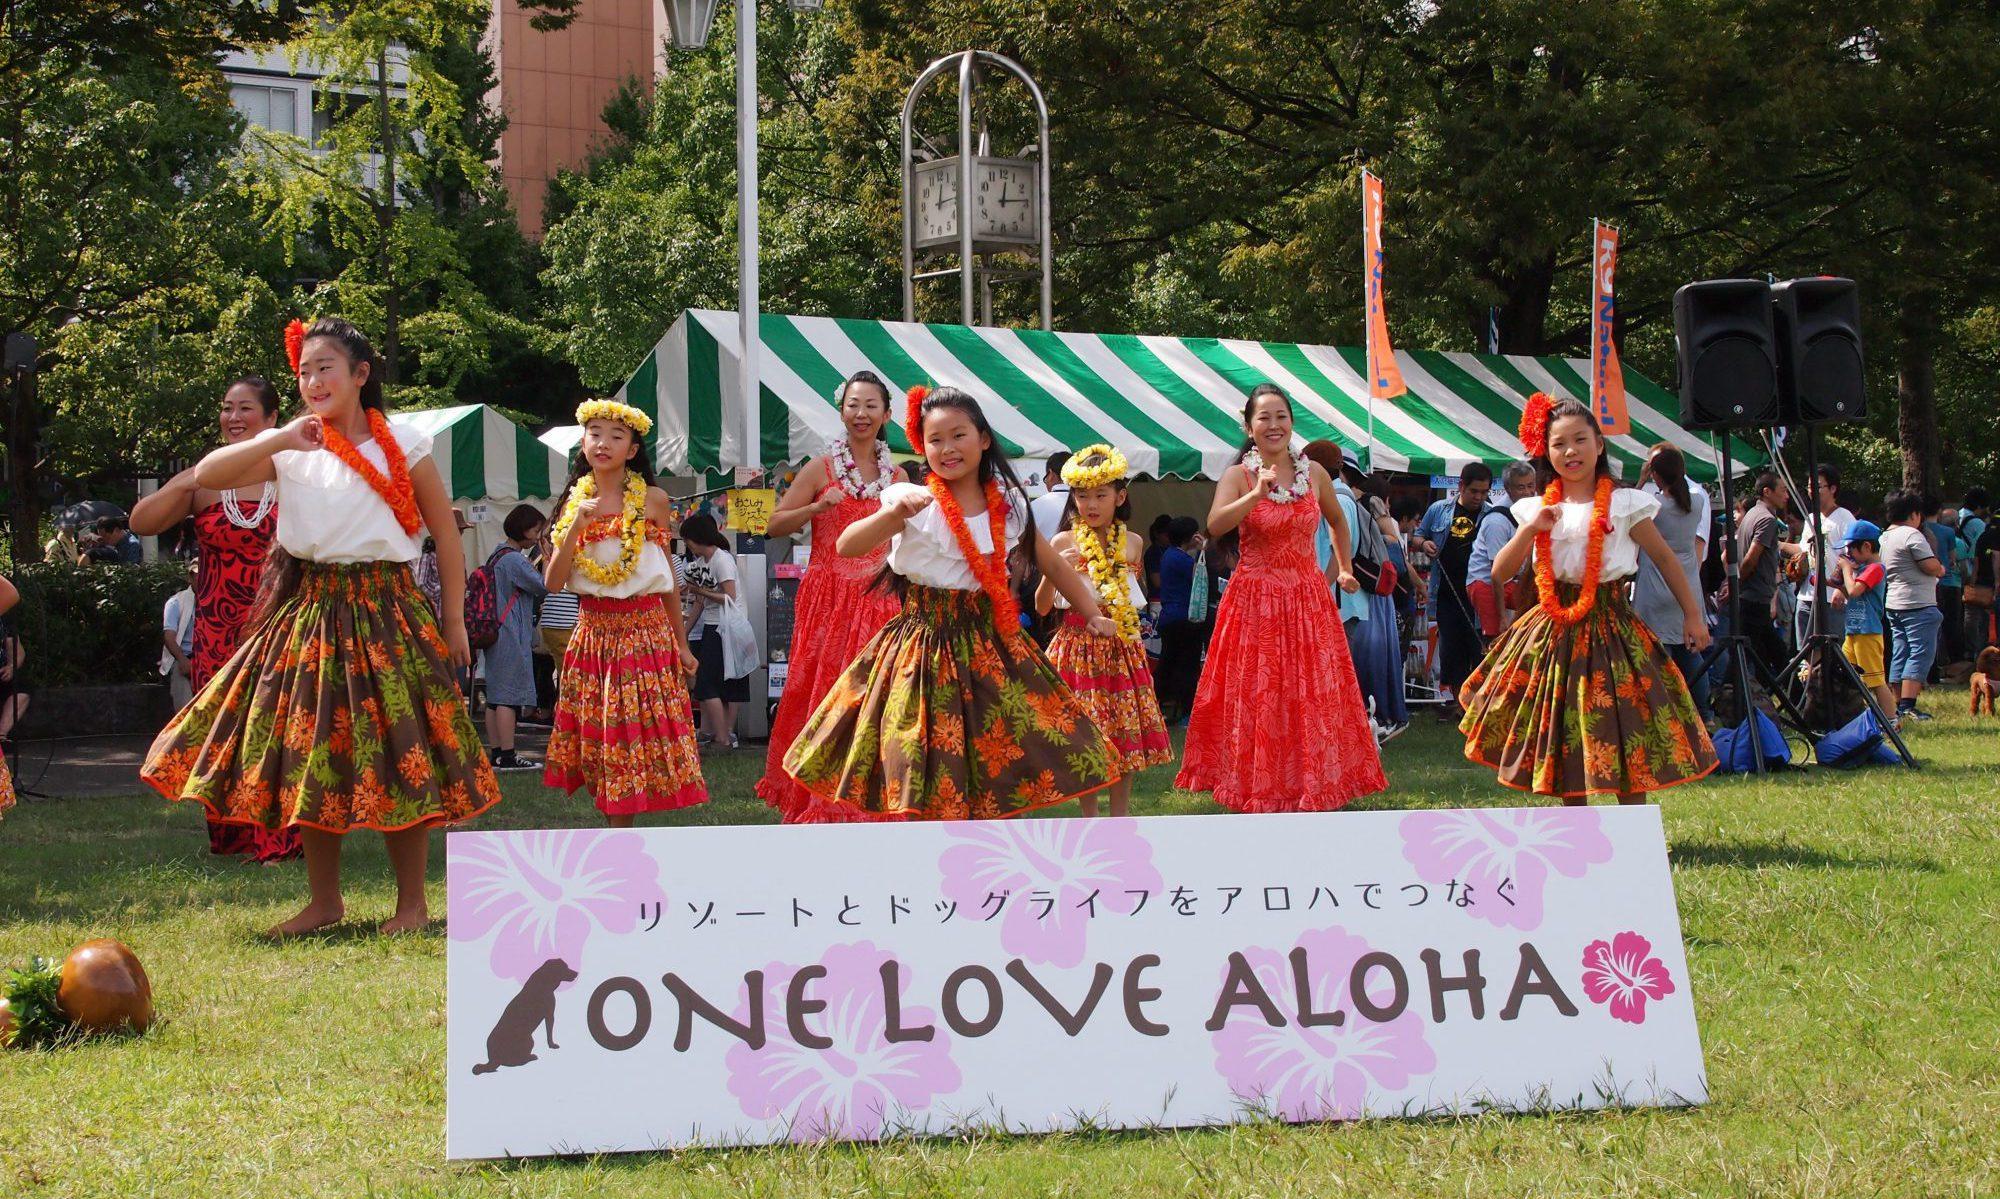 【横浜発 イベント】『ONE LOVE ALOHA』が今年も開催!